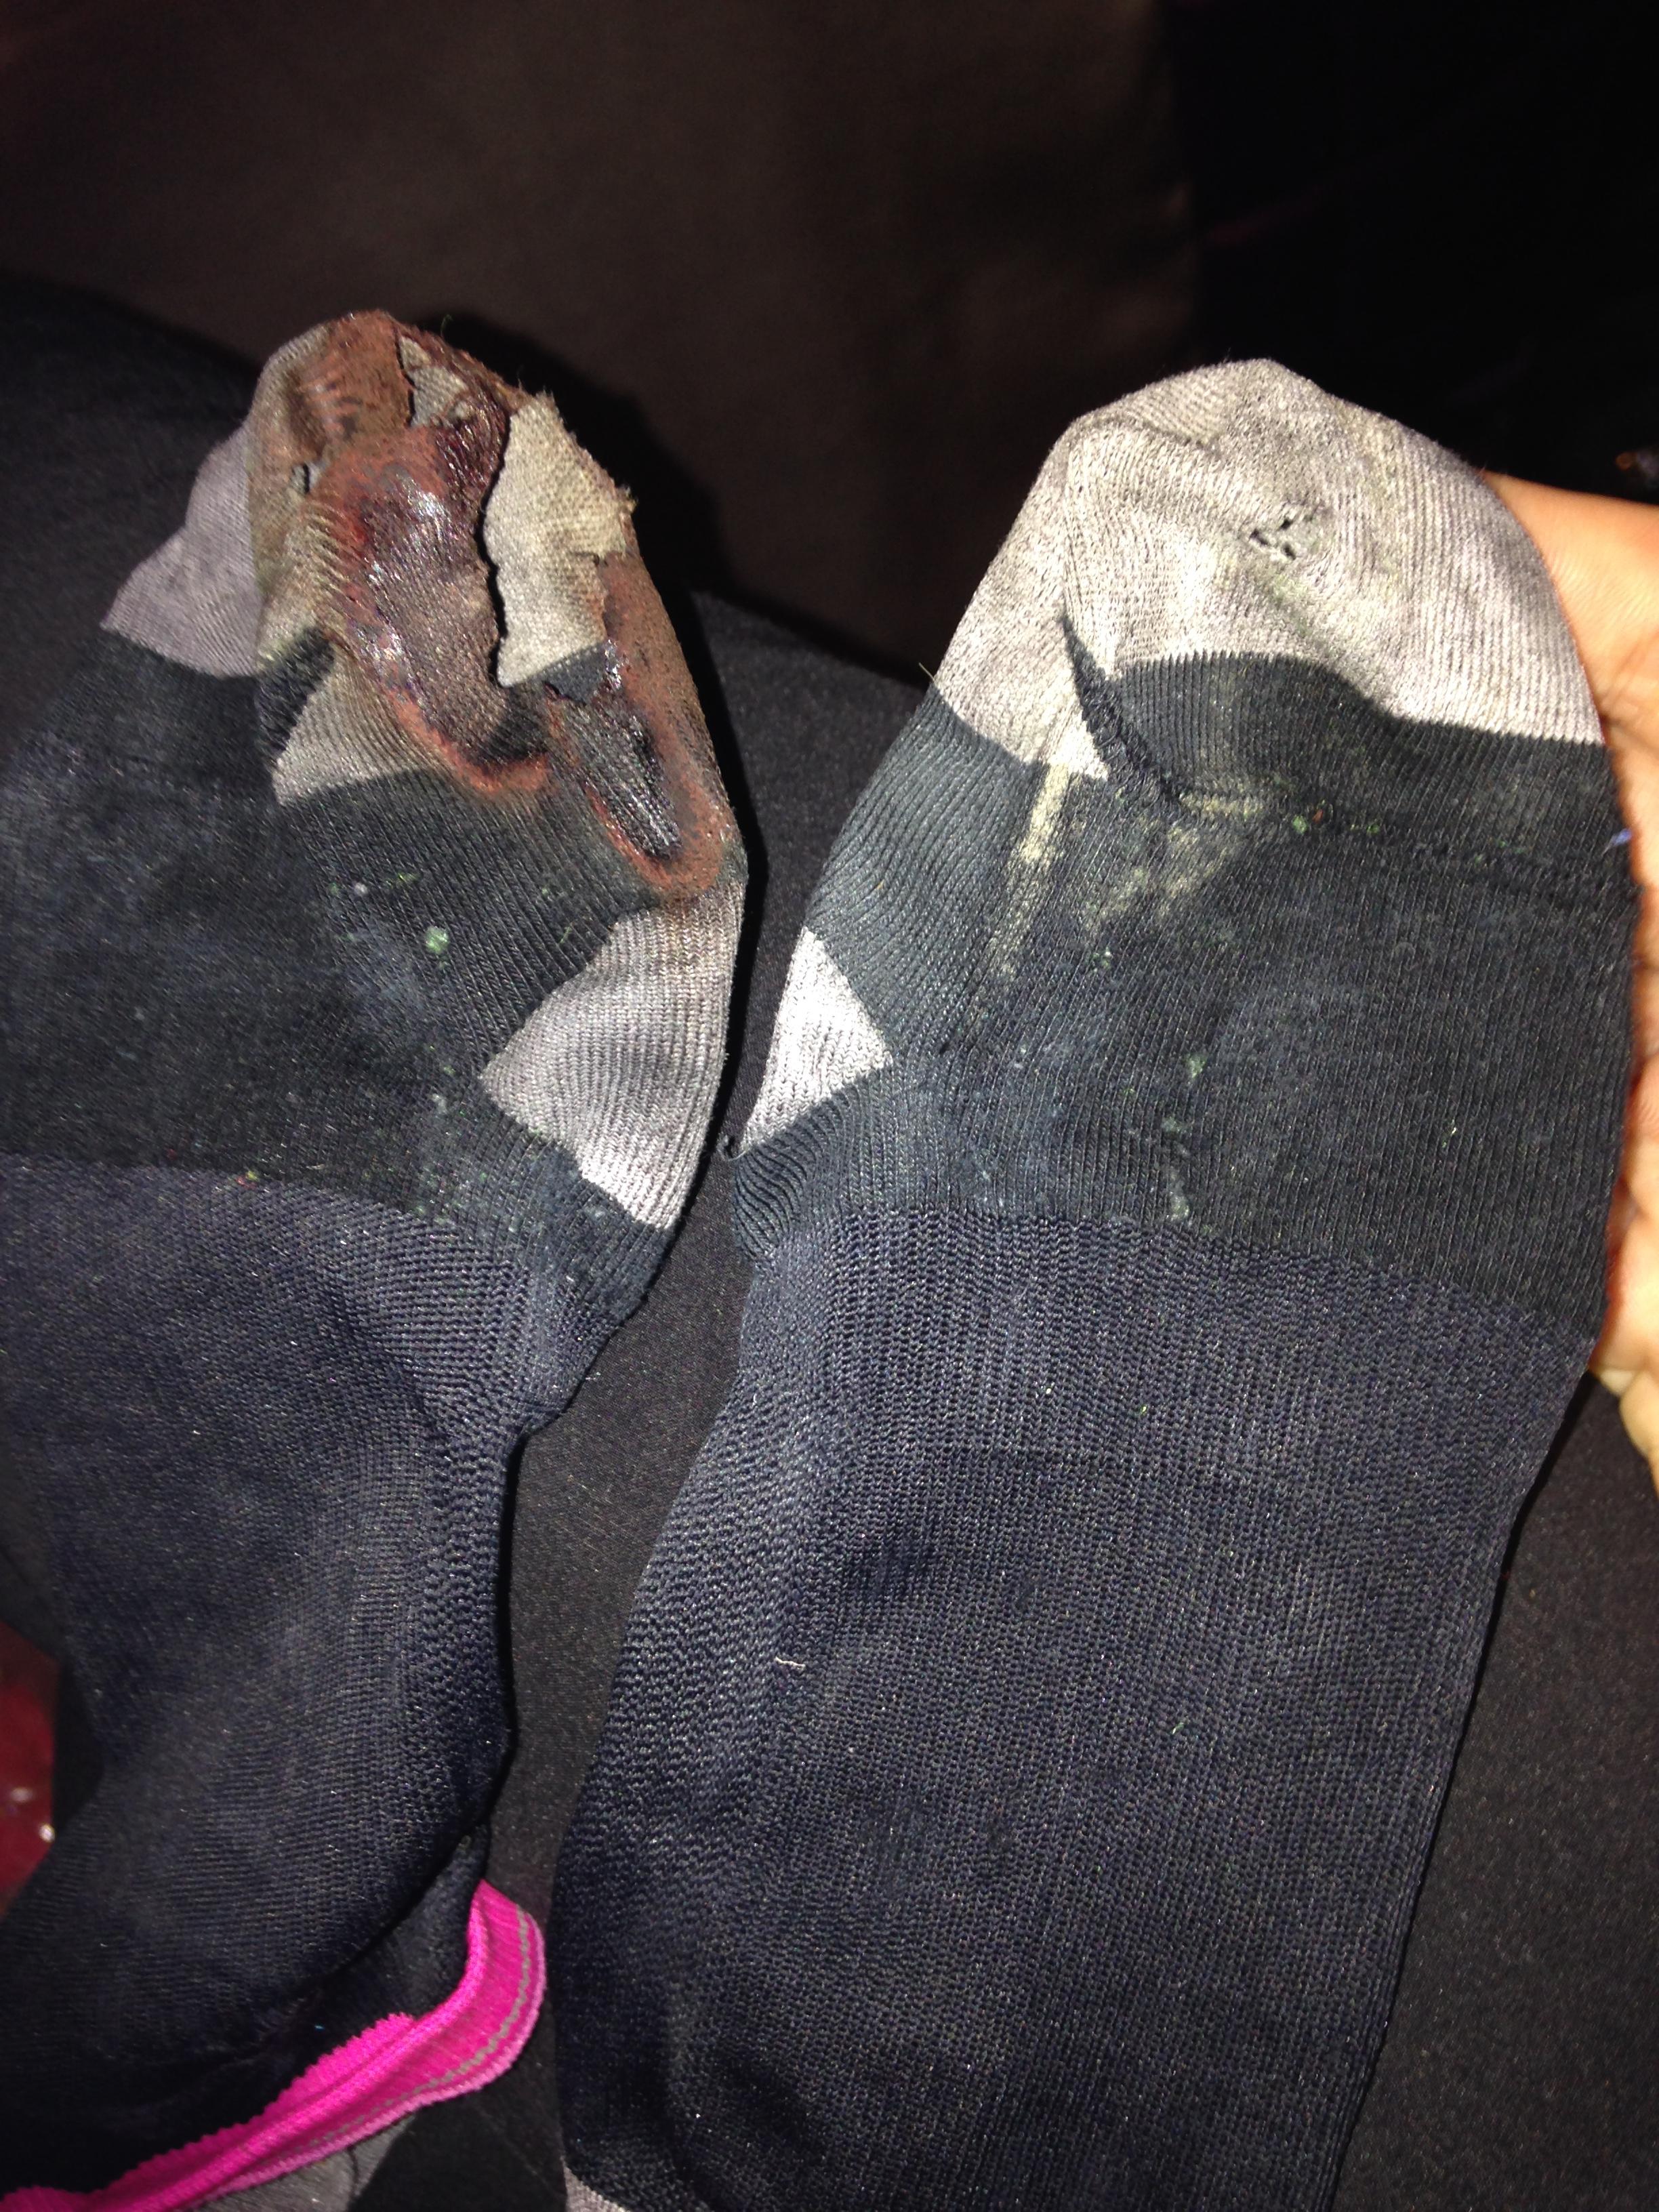 19新品靴下レースで穴があく